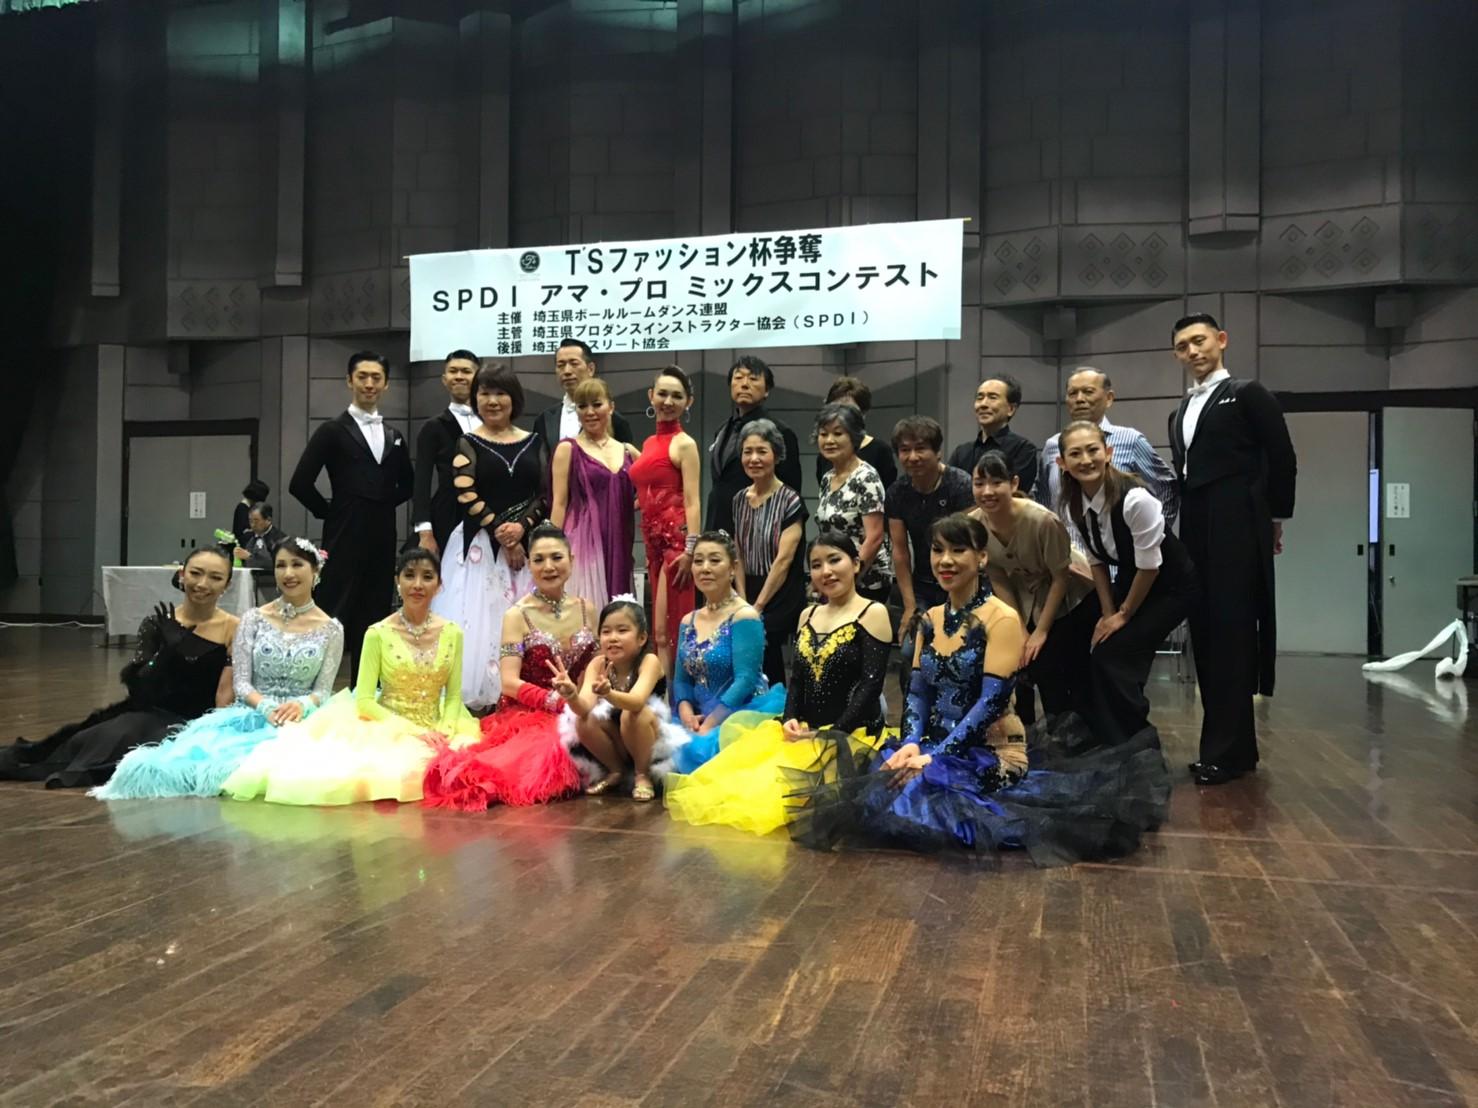 アマ・プロ ミックスコンペ|社交ダンス|2019年7月|イコス上尾